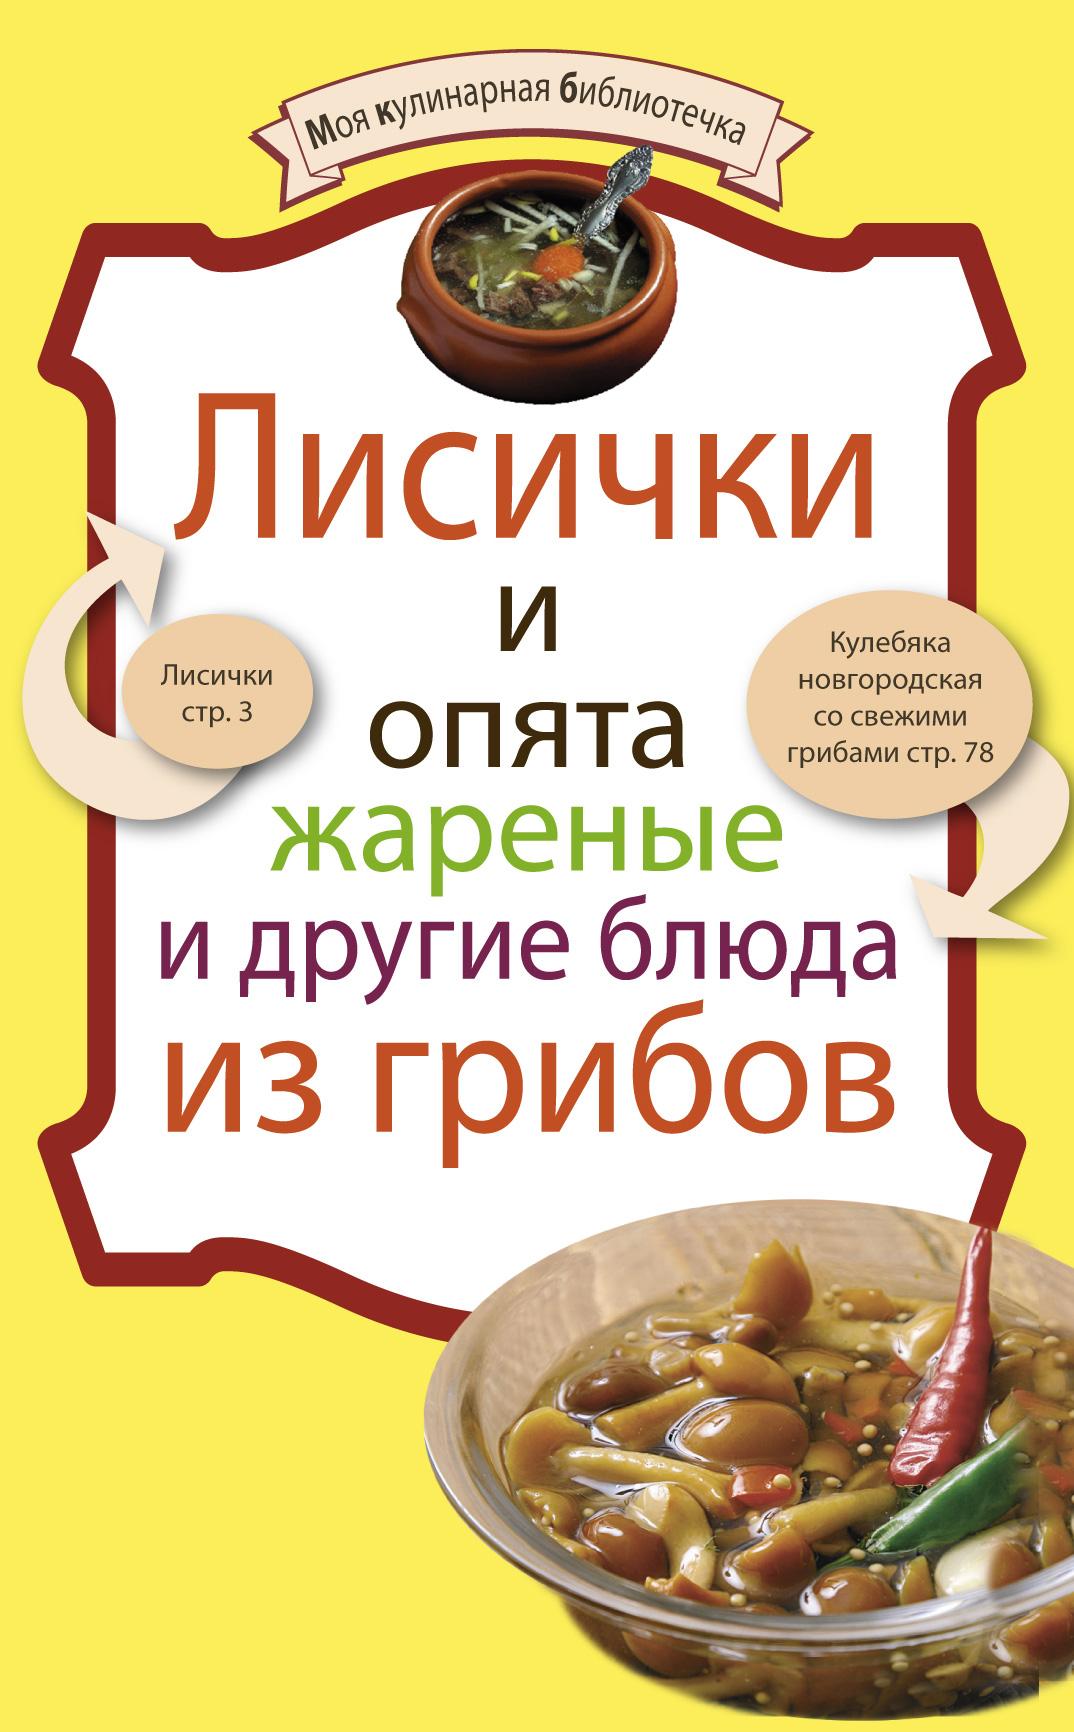 все цены на Отсутствует Лисички и опята жареные и другие блюда из грибов онлайн